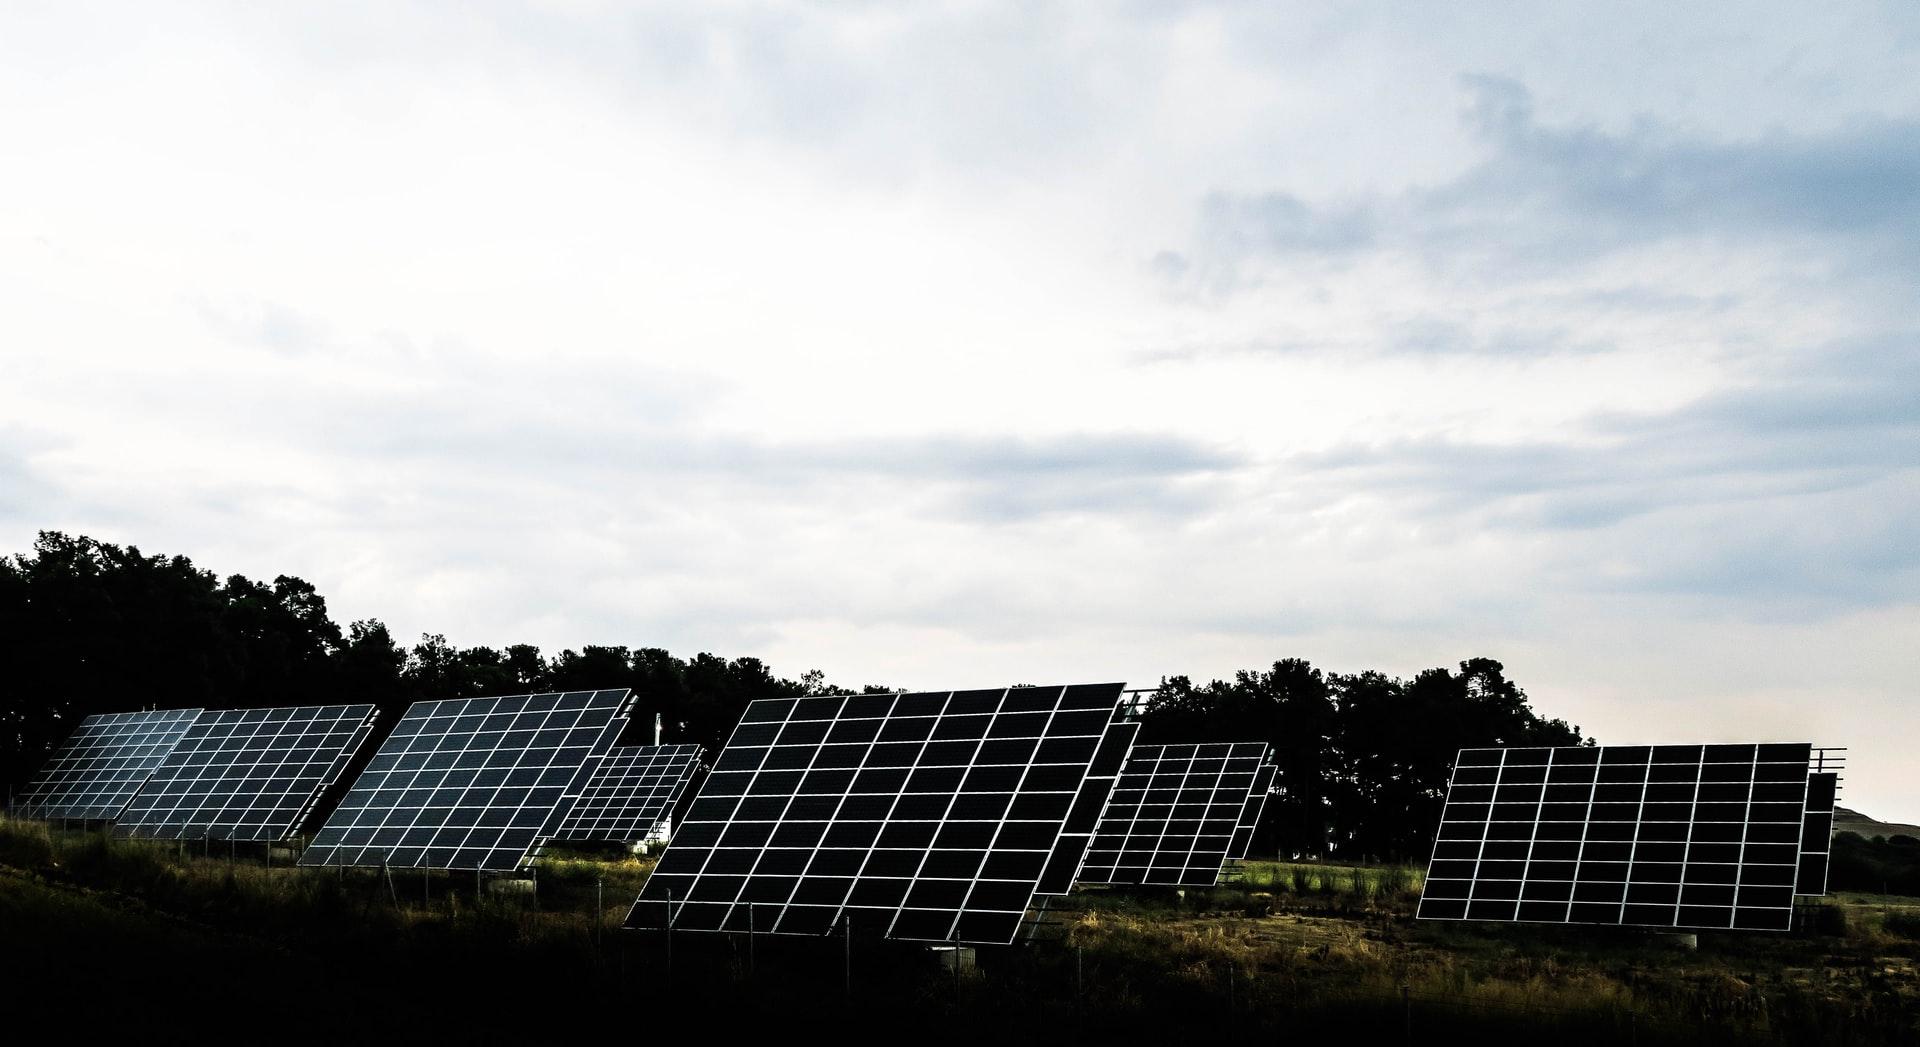 energie opgewekt duurzaam